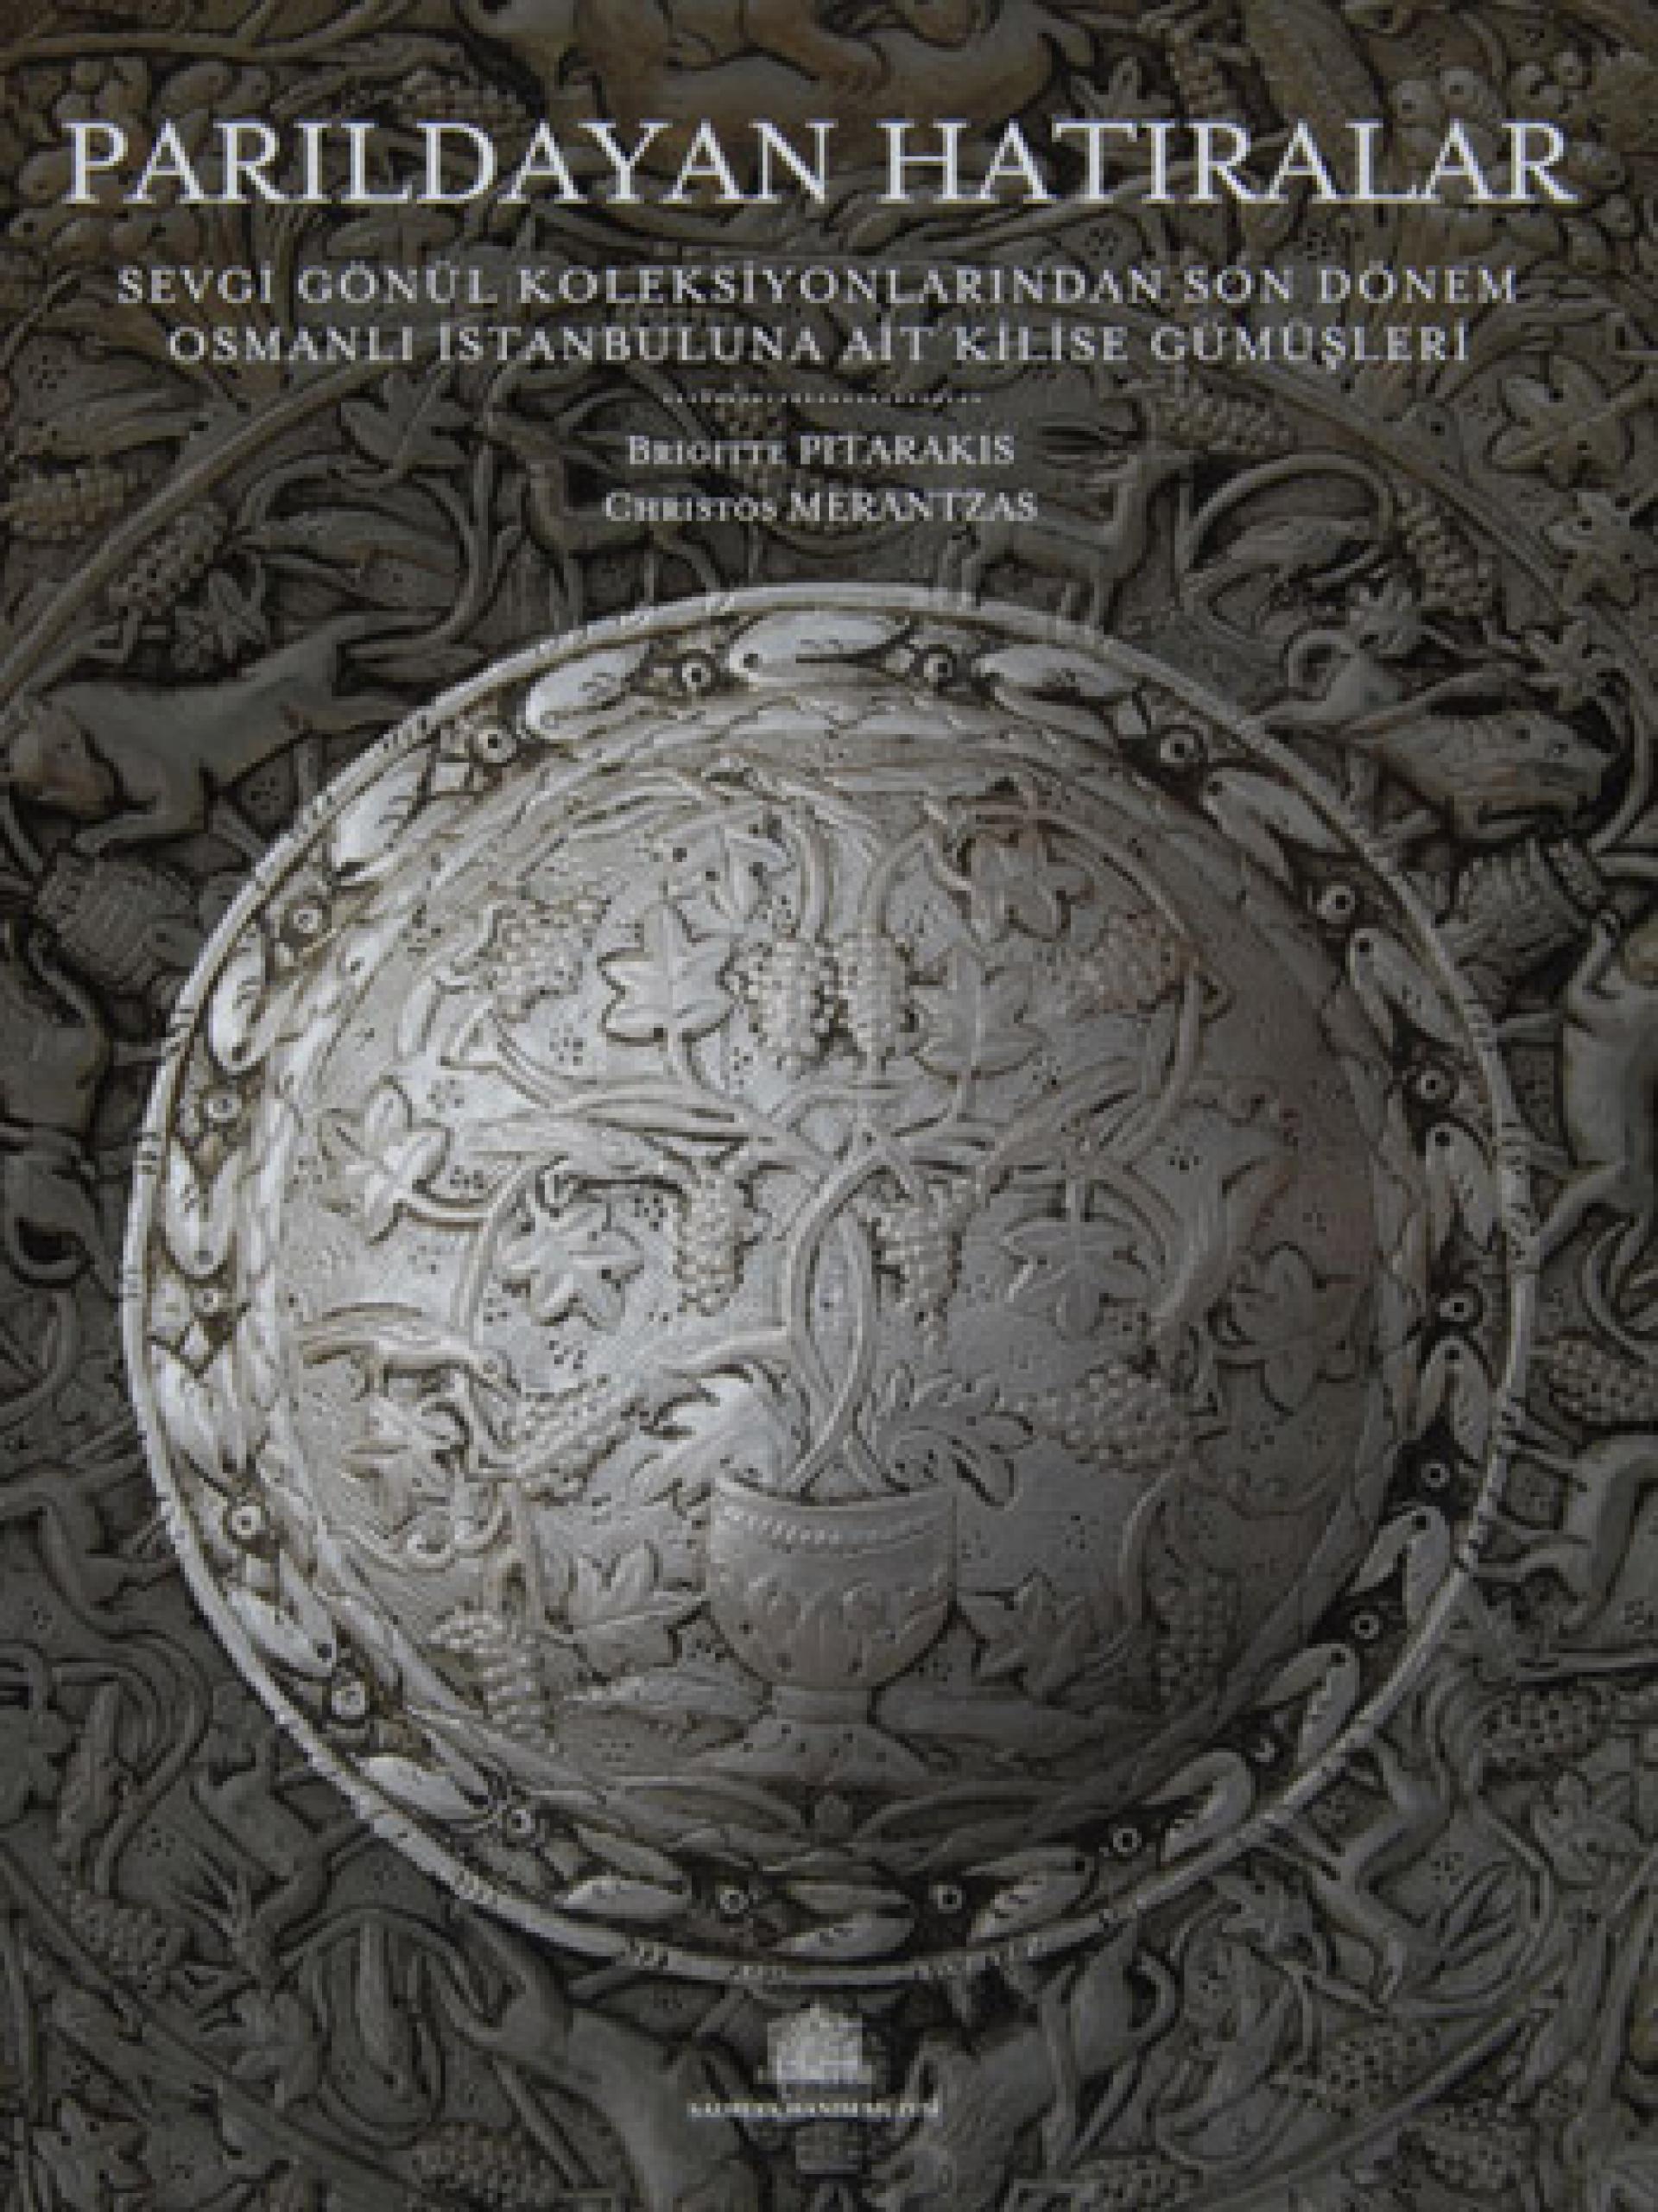 Parıldayan Hatıralar - Sevgi Gönül Koleksiyonlarından Son Dönem Osmanlı İstanbuluna Ait Kilise Gümüşleri - KİTAPLAR - Sadberk Hanım Müzesi